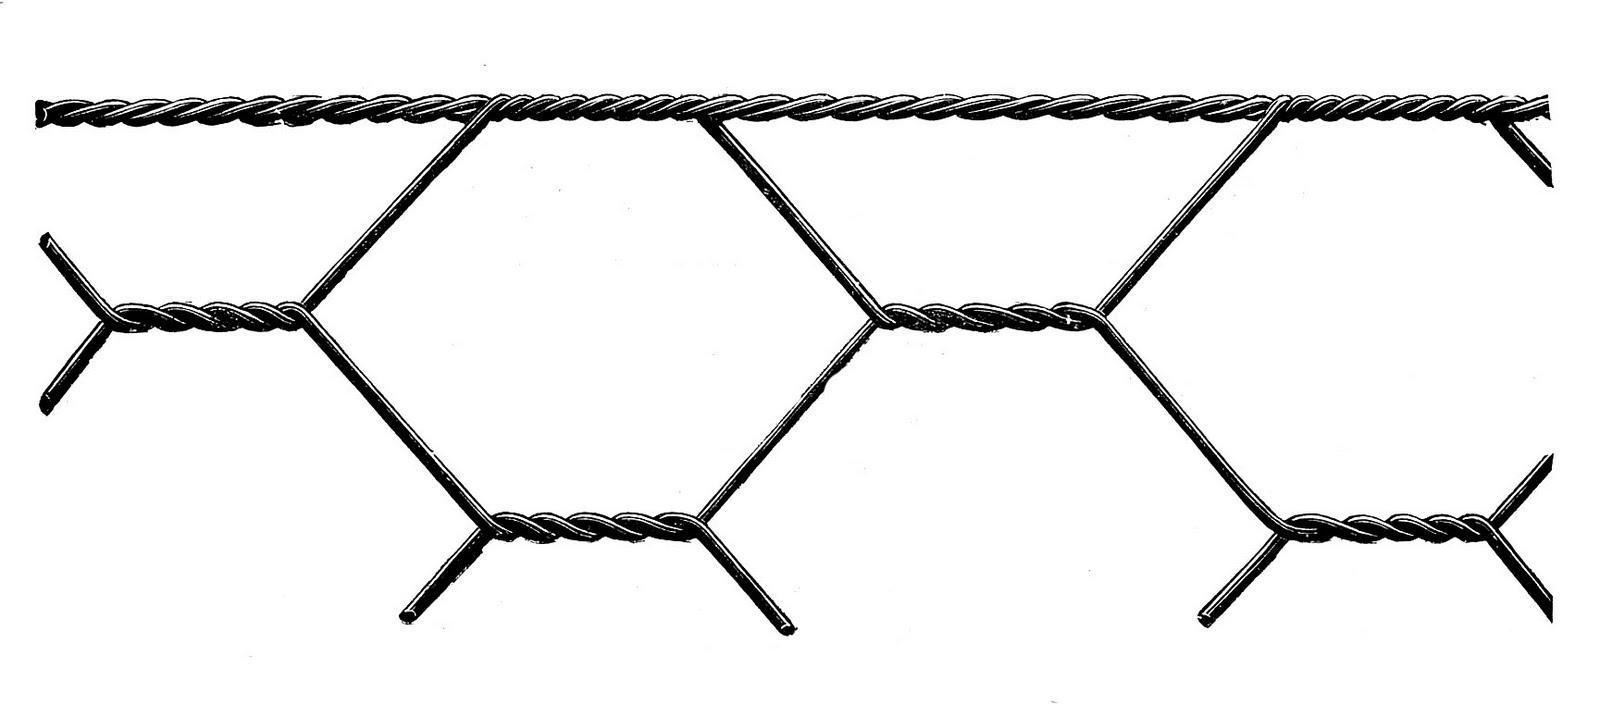 1600x705 Chicken Wire Graphic